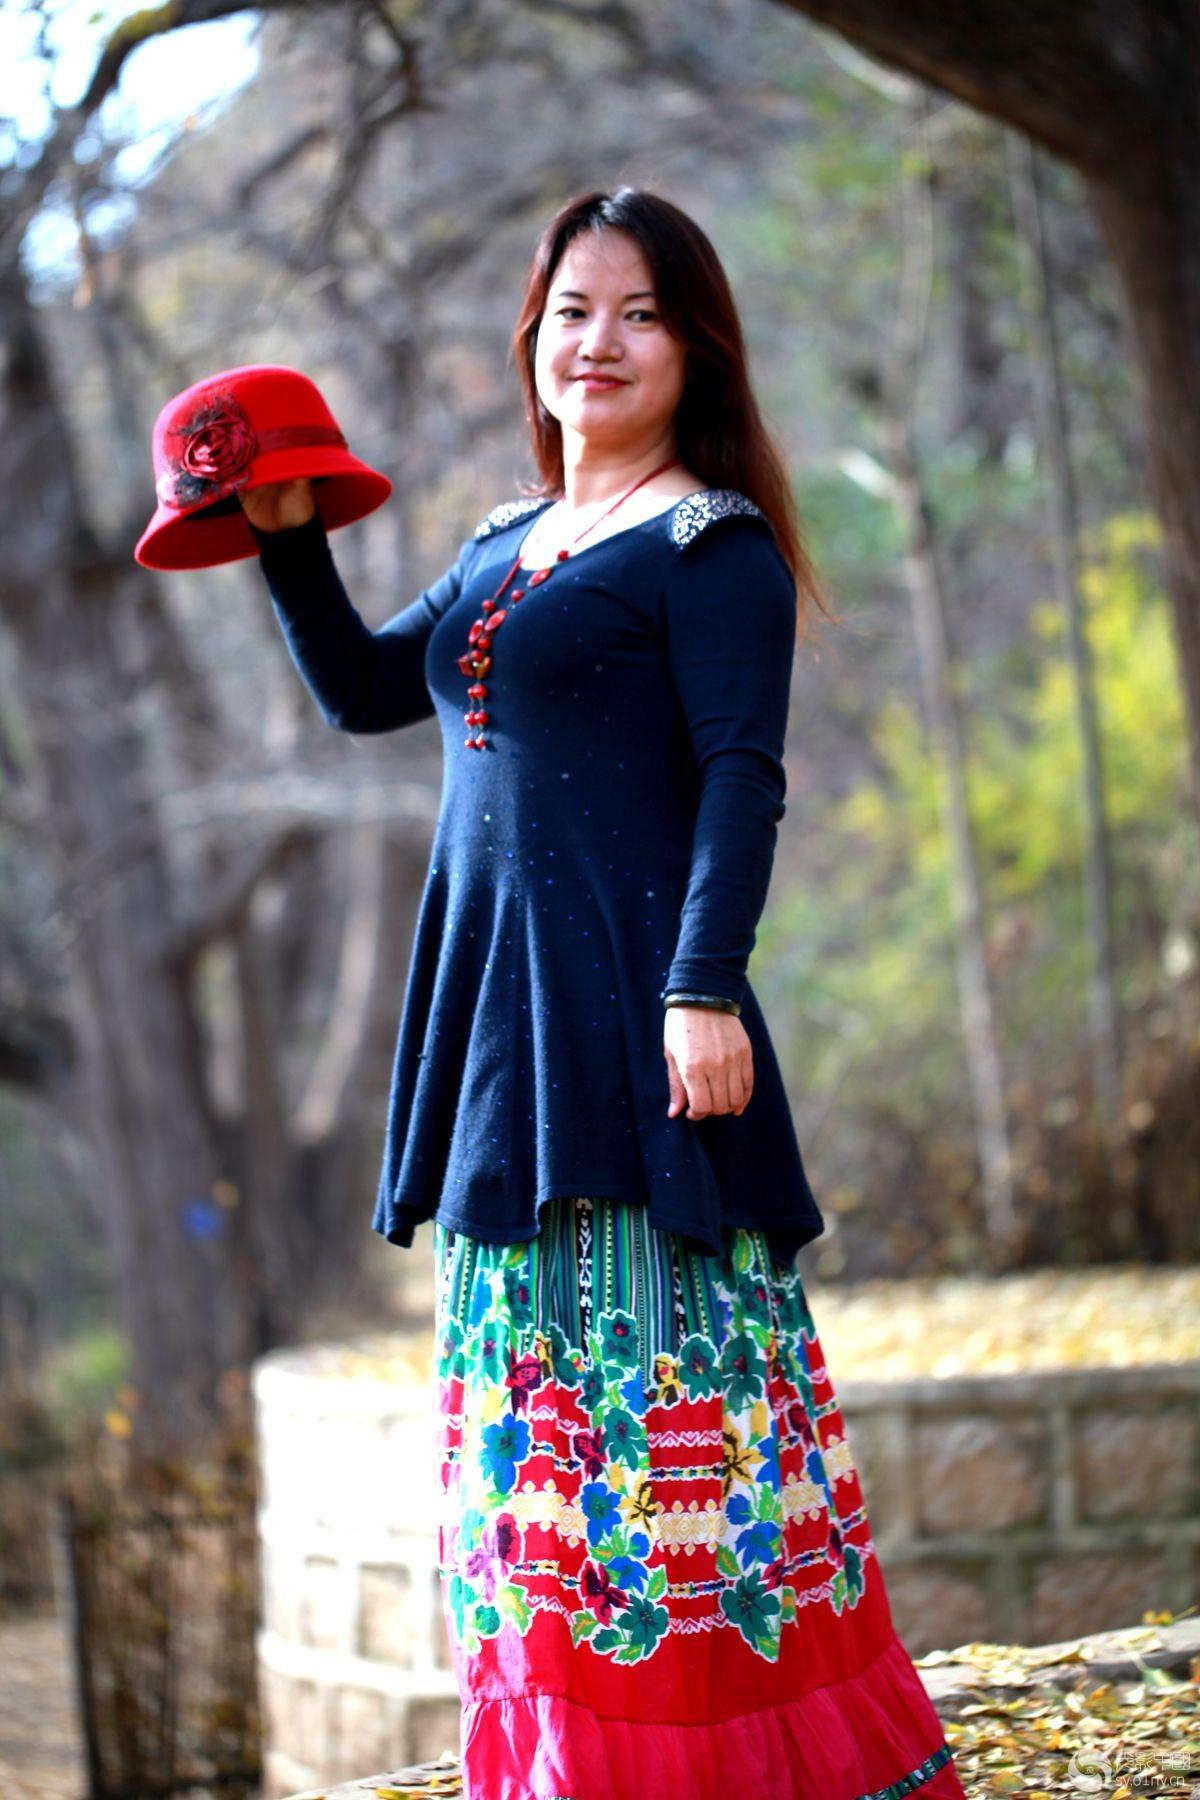 美女部嵩县白河镇下庙村作业直播-树下生态-行木木美女采风图片